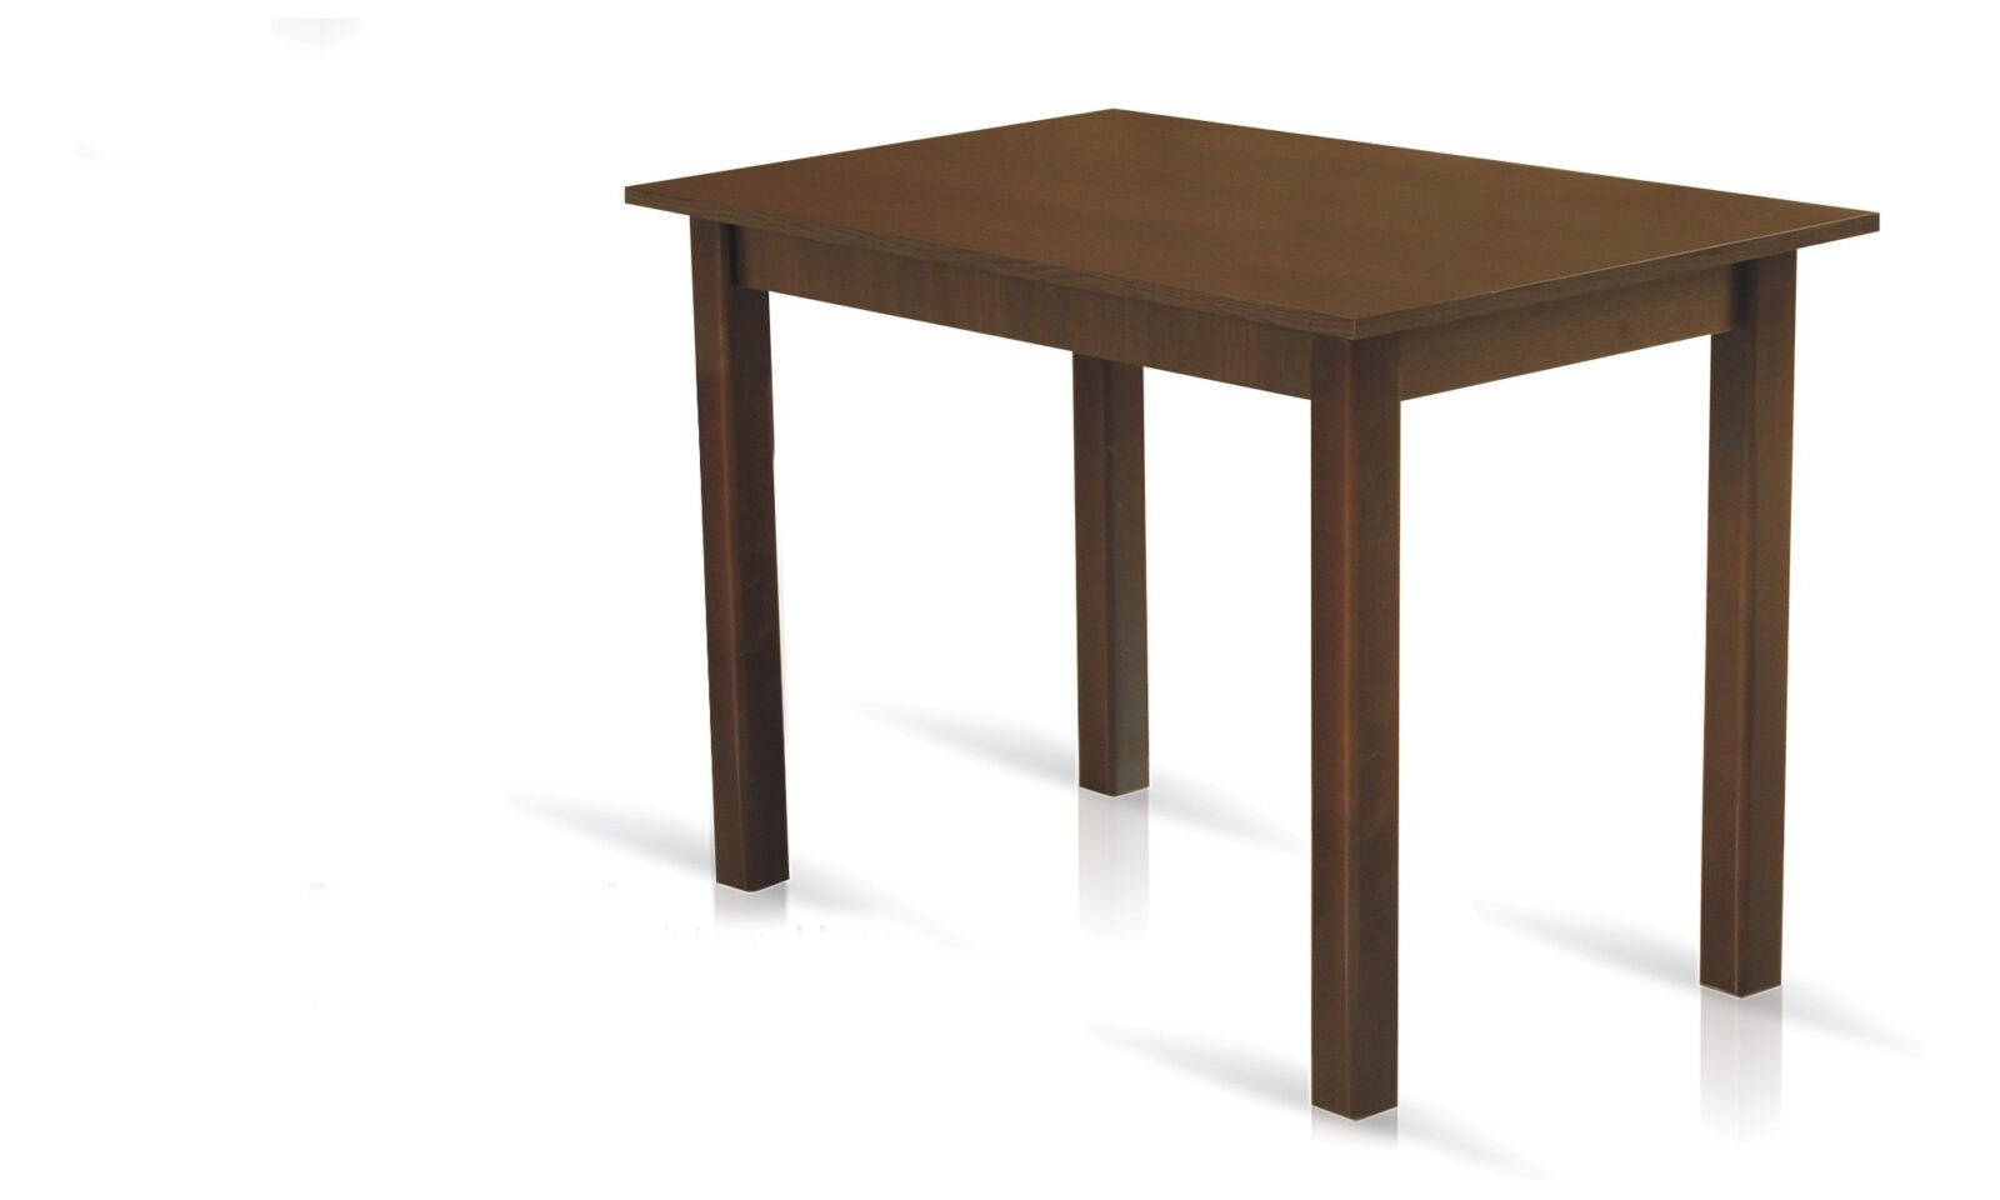 Stół do kuchni SM22 długość 100 cm szerokość 60 cm nierozkładany